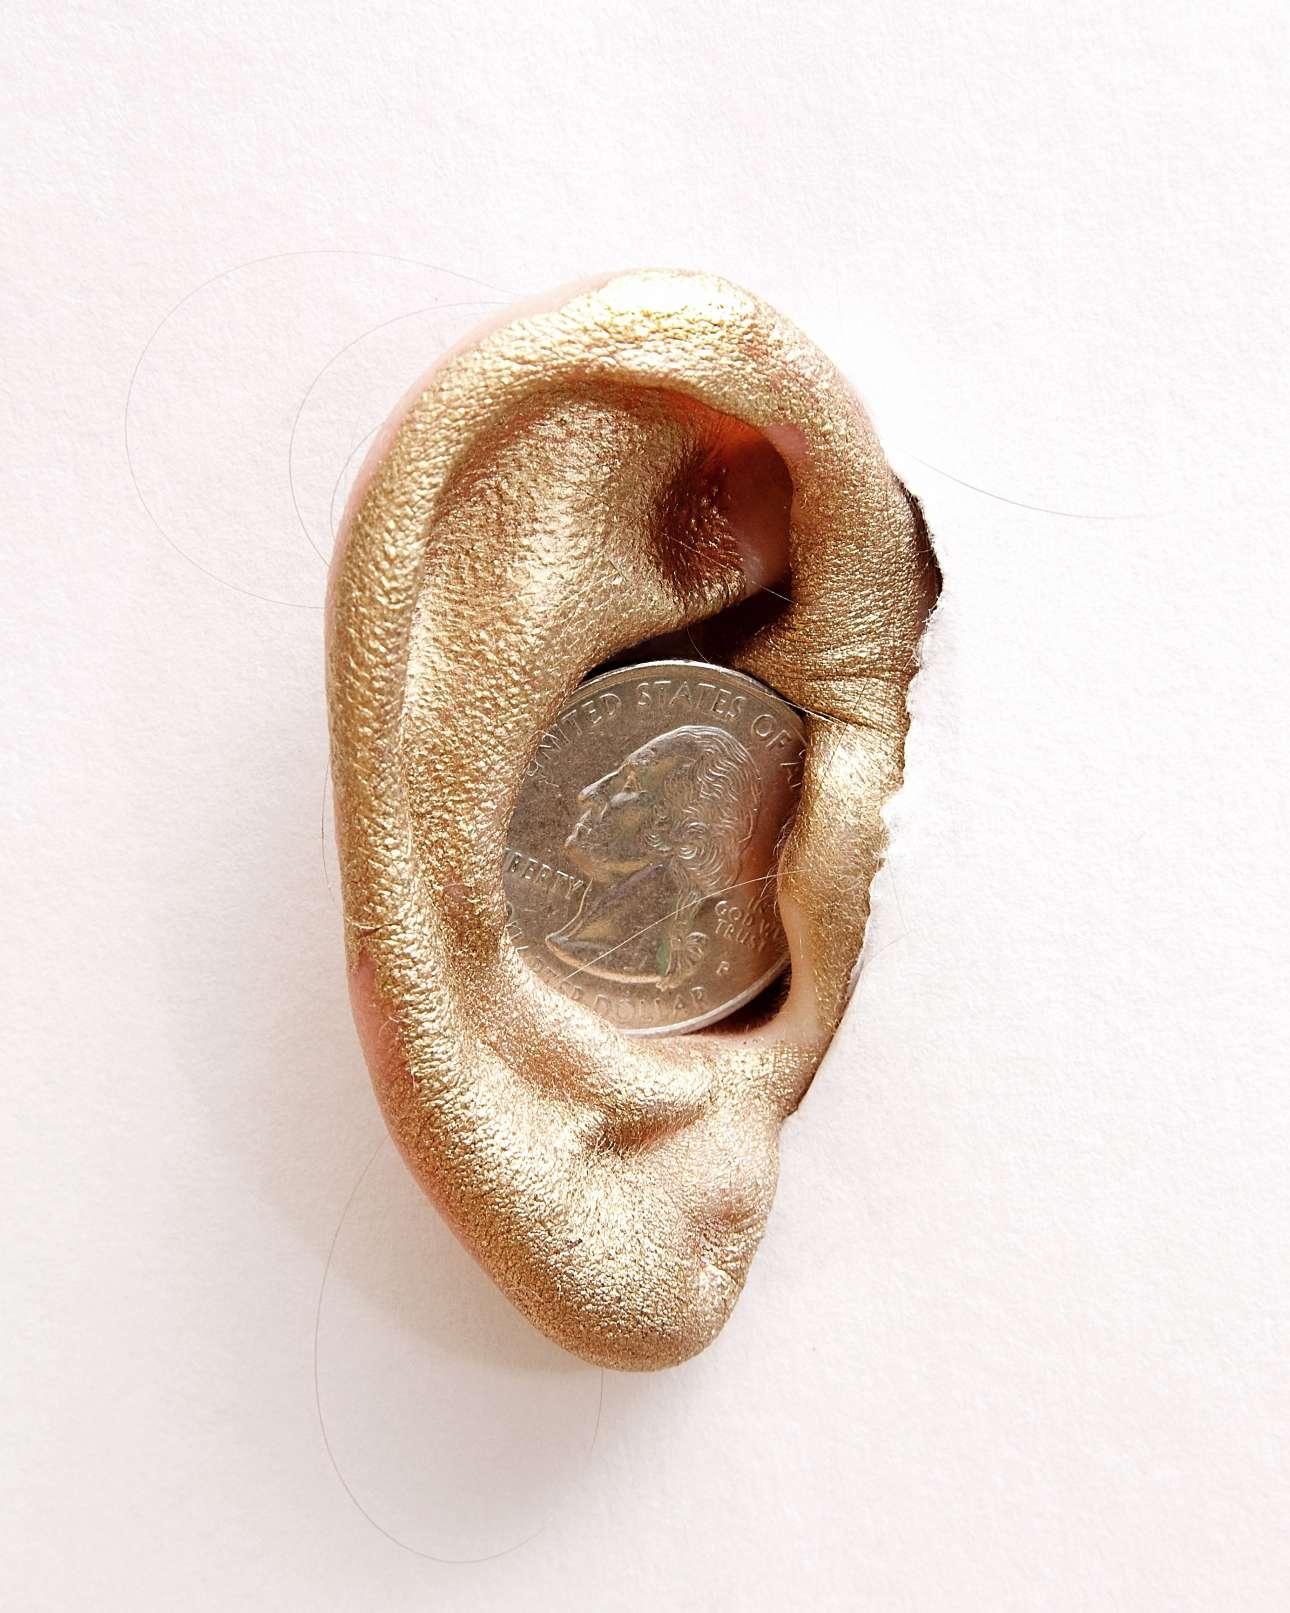 Στη Χαβάη απαγορεύεται να τοποθετήσεις κέρμα μέσα στο αυτί σου